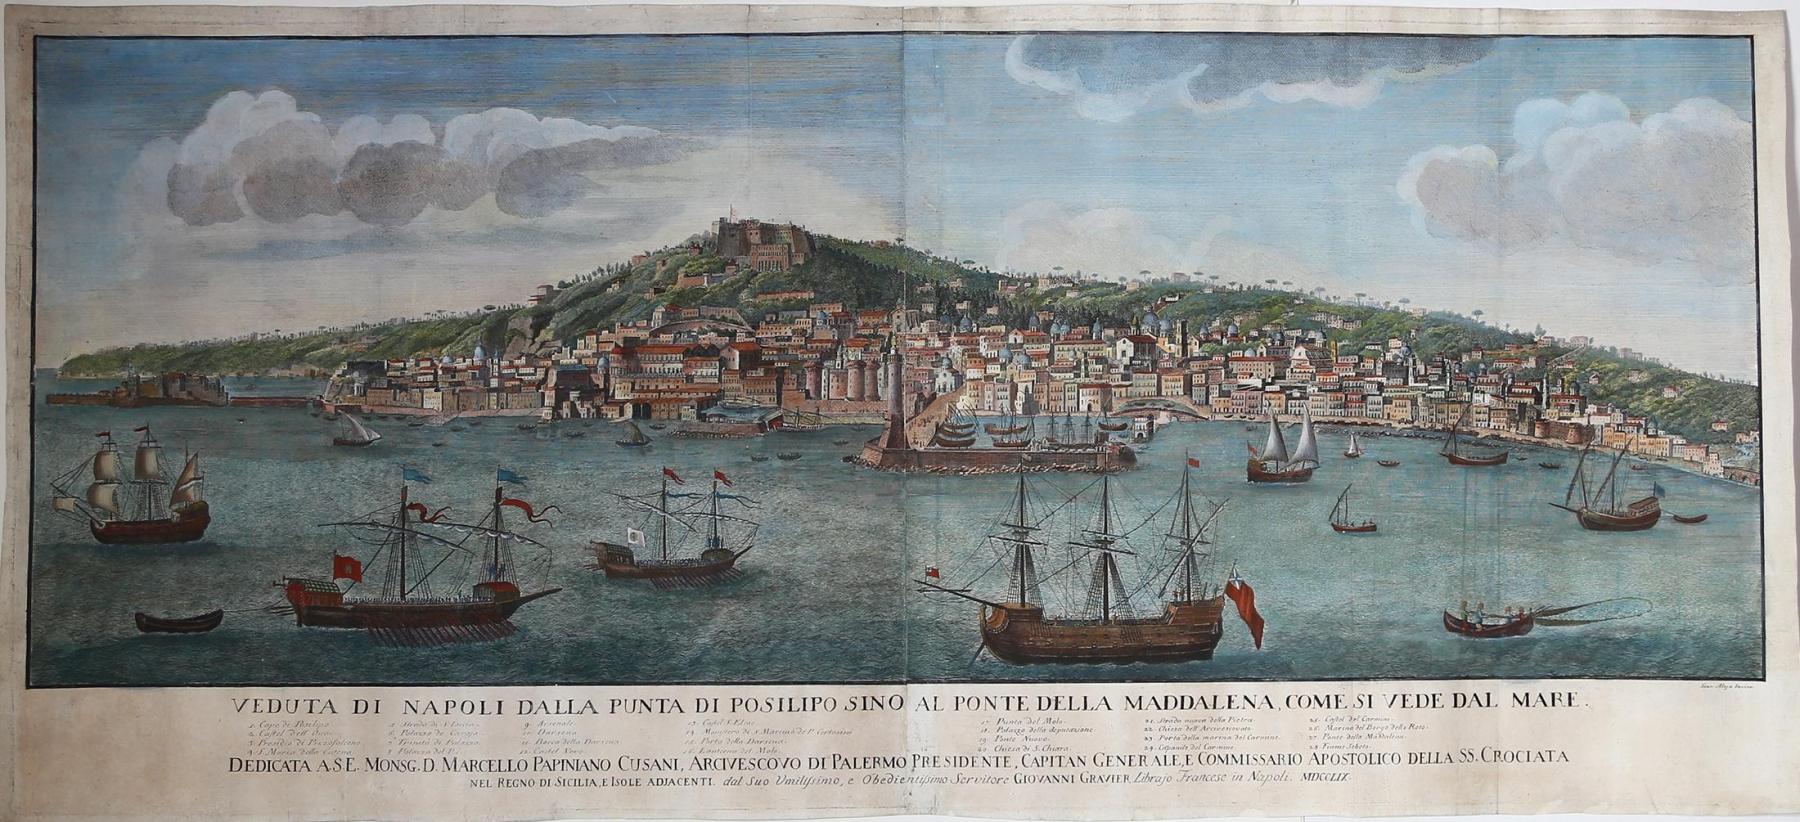 Veduta-di-Napoli-dalla-punta-di-Posillipo-sino-al-ponte-della-Maddalena-come-si-vede-dal-mare-Giovanni-Gravier-1759